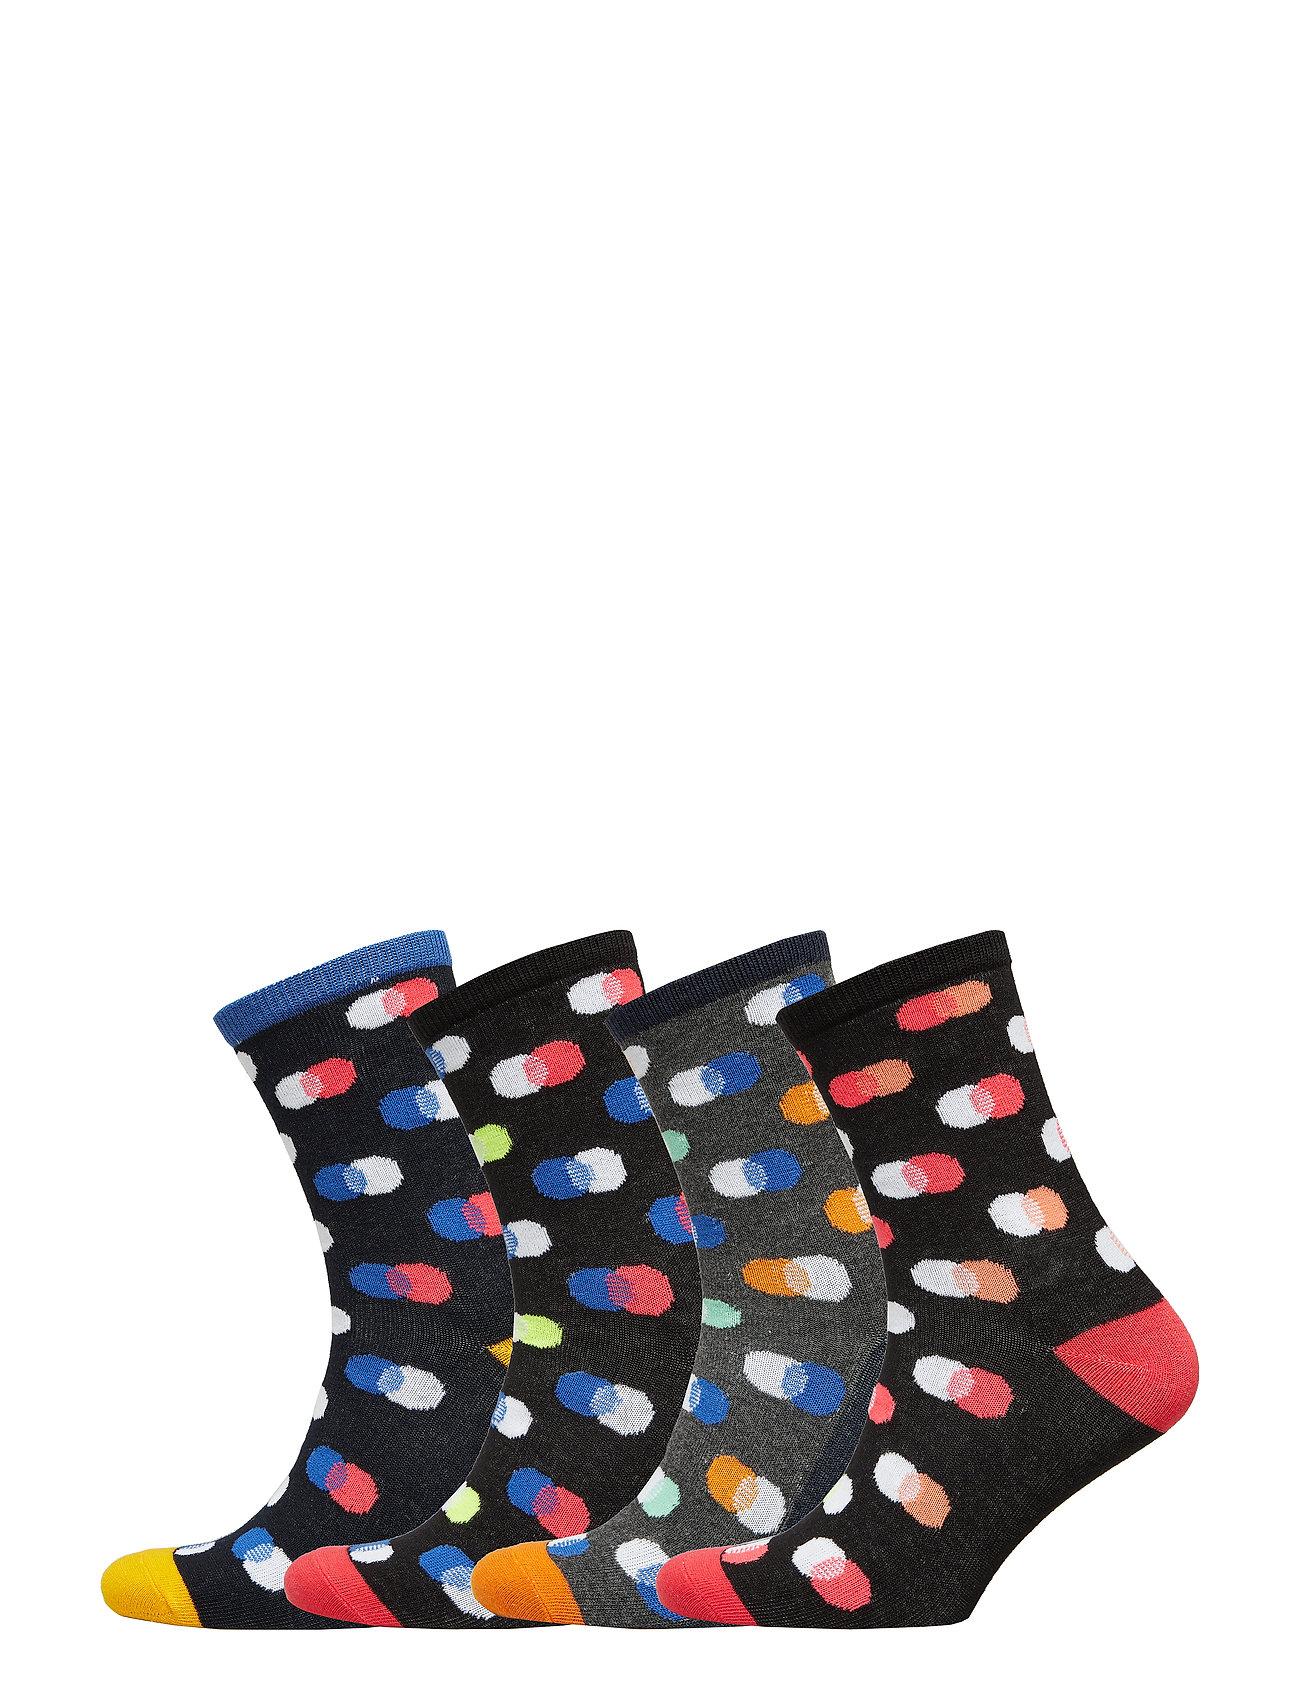 Image of Jacfinn Socks 4 Pack Junior Sokker Strømper Multi/mønstret Jack & J S (3215337705)